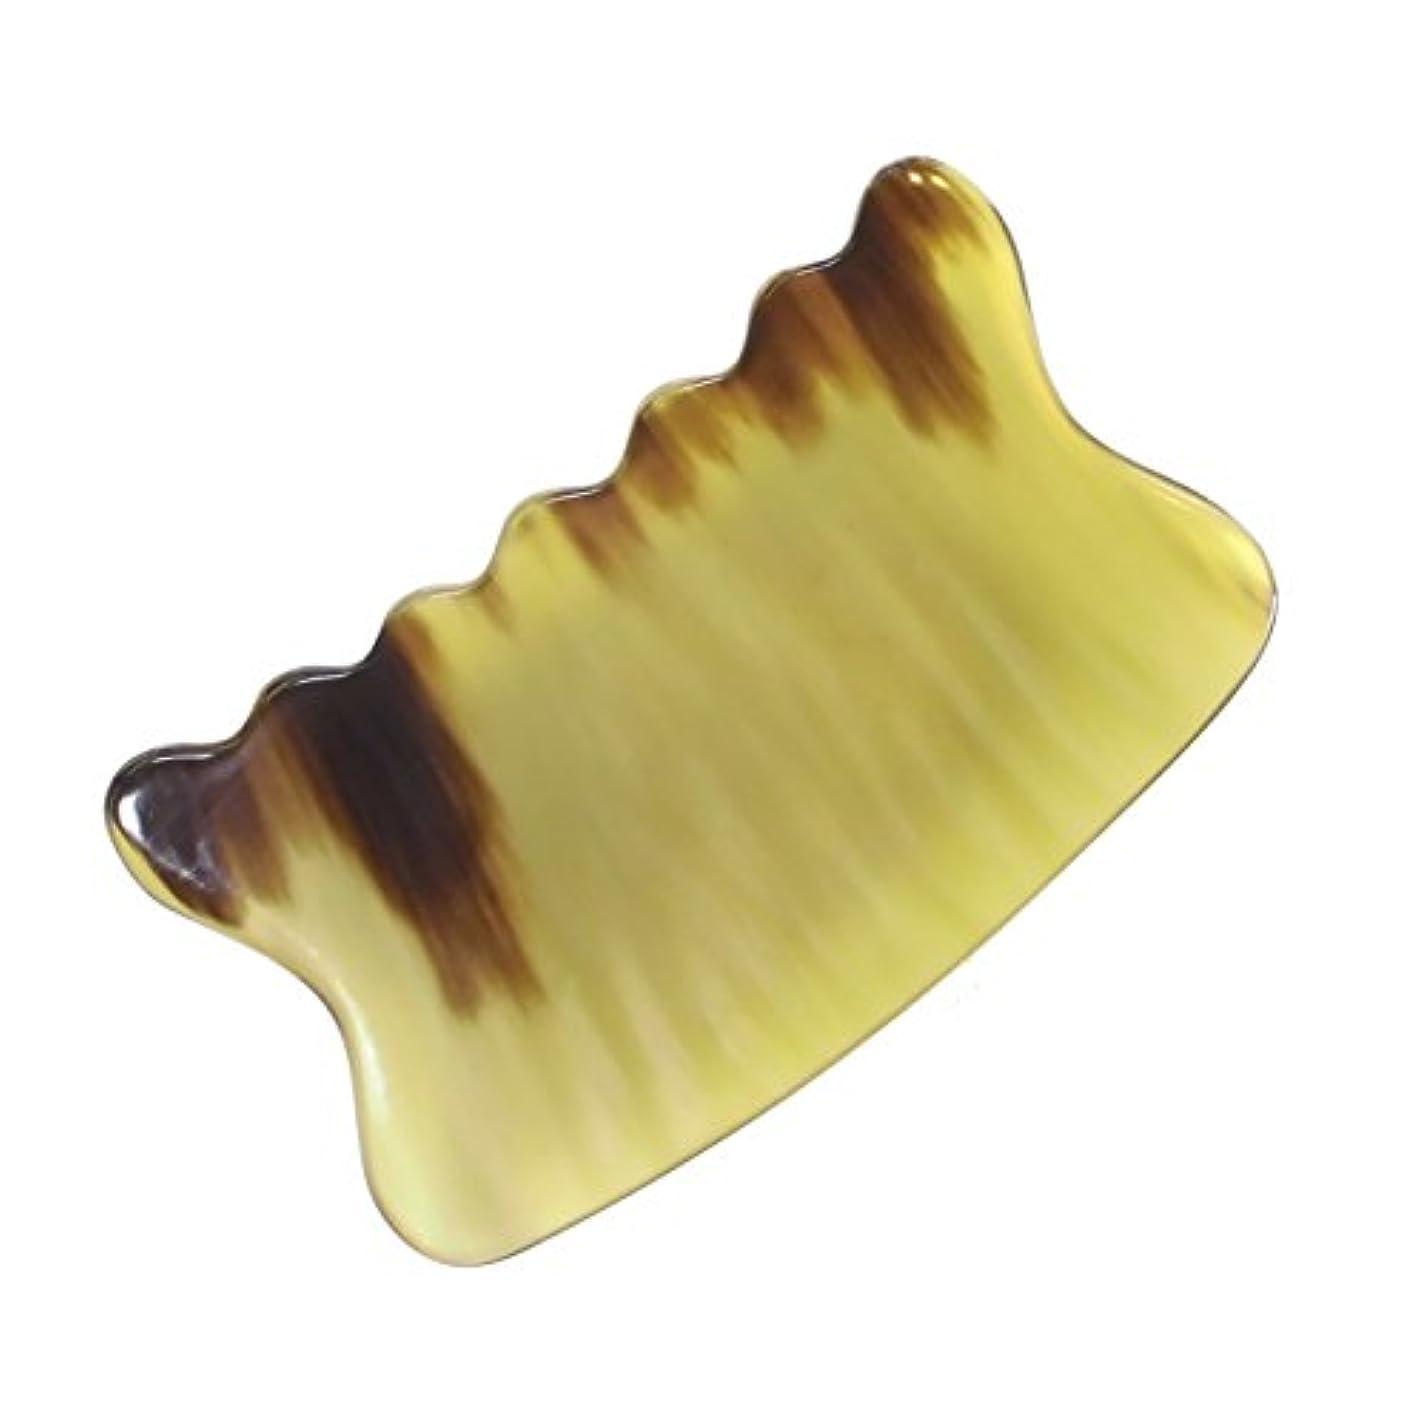 引き受けるレンダリング名前を作るかっさ プレート 希少69 黄水牛角 極美品 曲波型